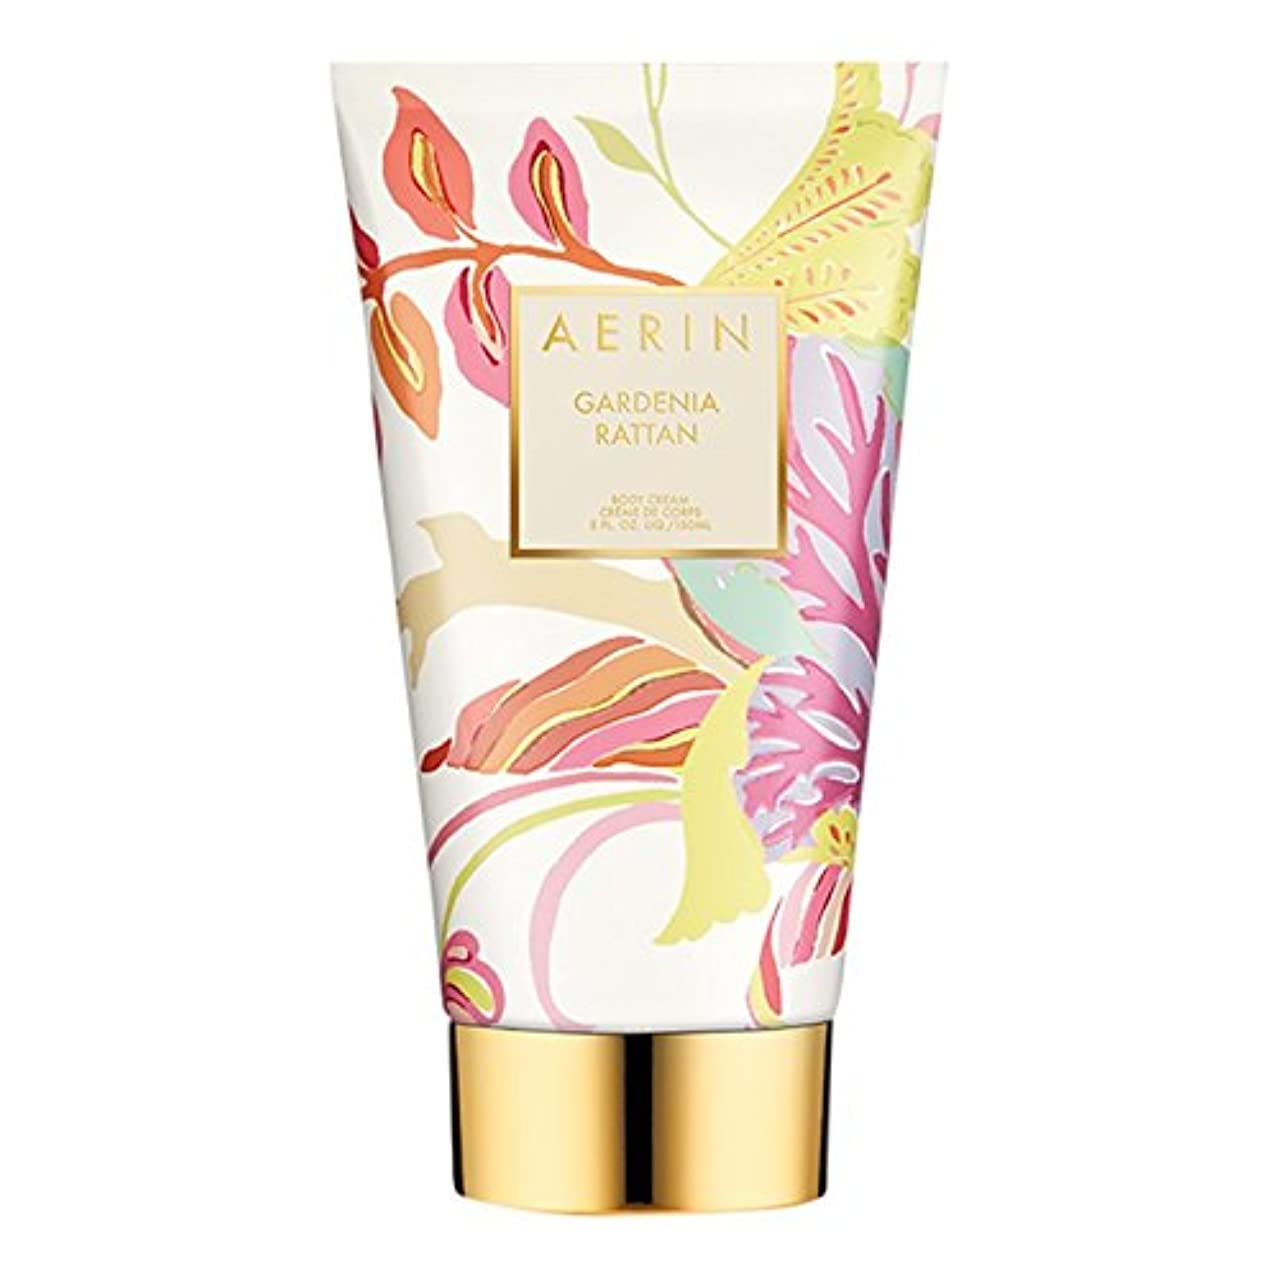 コショウレイ三角形Aerinクチナシ籐ボディクリーム150ミリリットル (AERIN) (x2) - AERIN Gardenia Rattan Body Cream 150ml (Pack of 2) [並行輸入品]